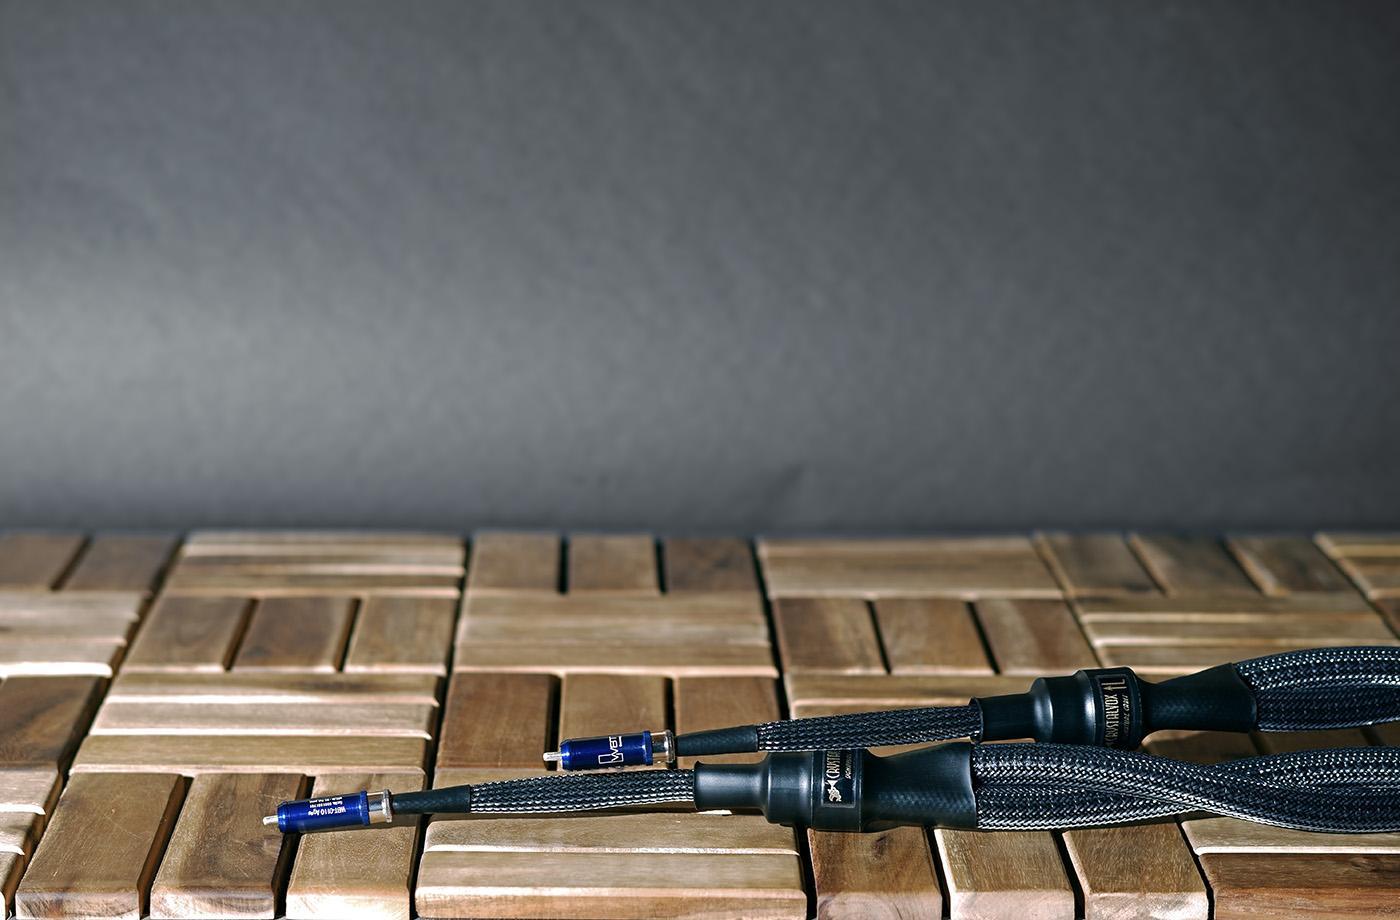 Crystalvox_Signature_RCA_cable_wbt_11.jpg